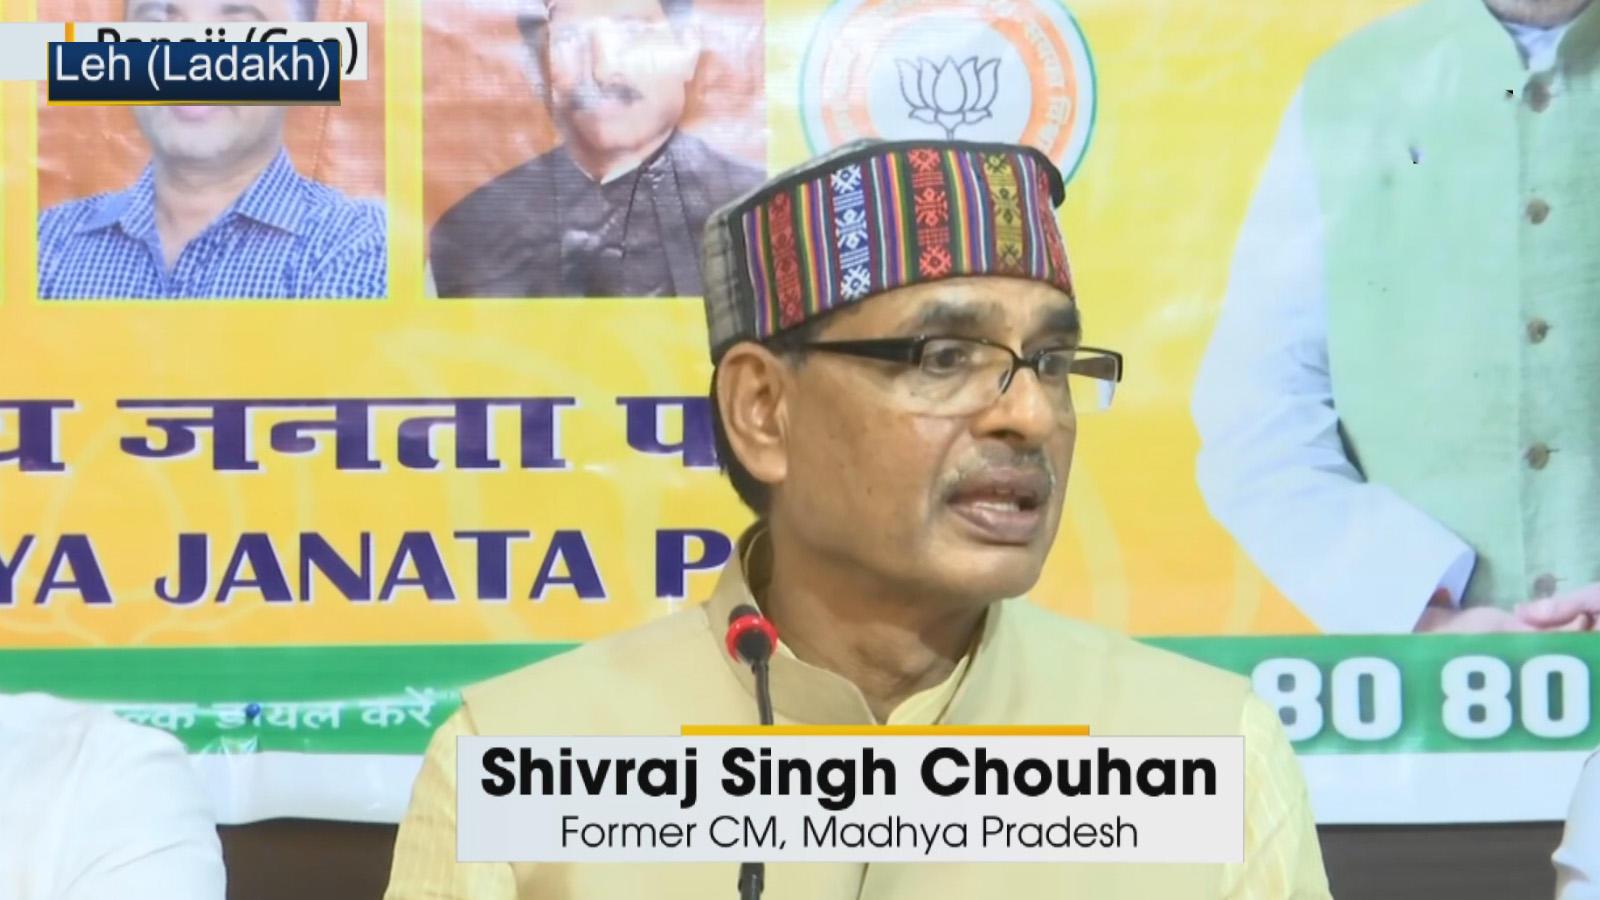 sonia-gandhi-should-clear-congress-viewpoint-in-matter-of-article-370-shivraj-chouhan